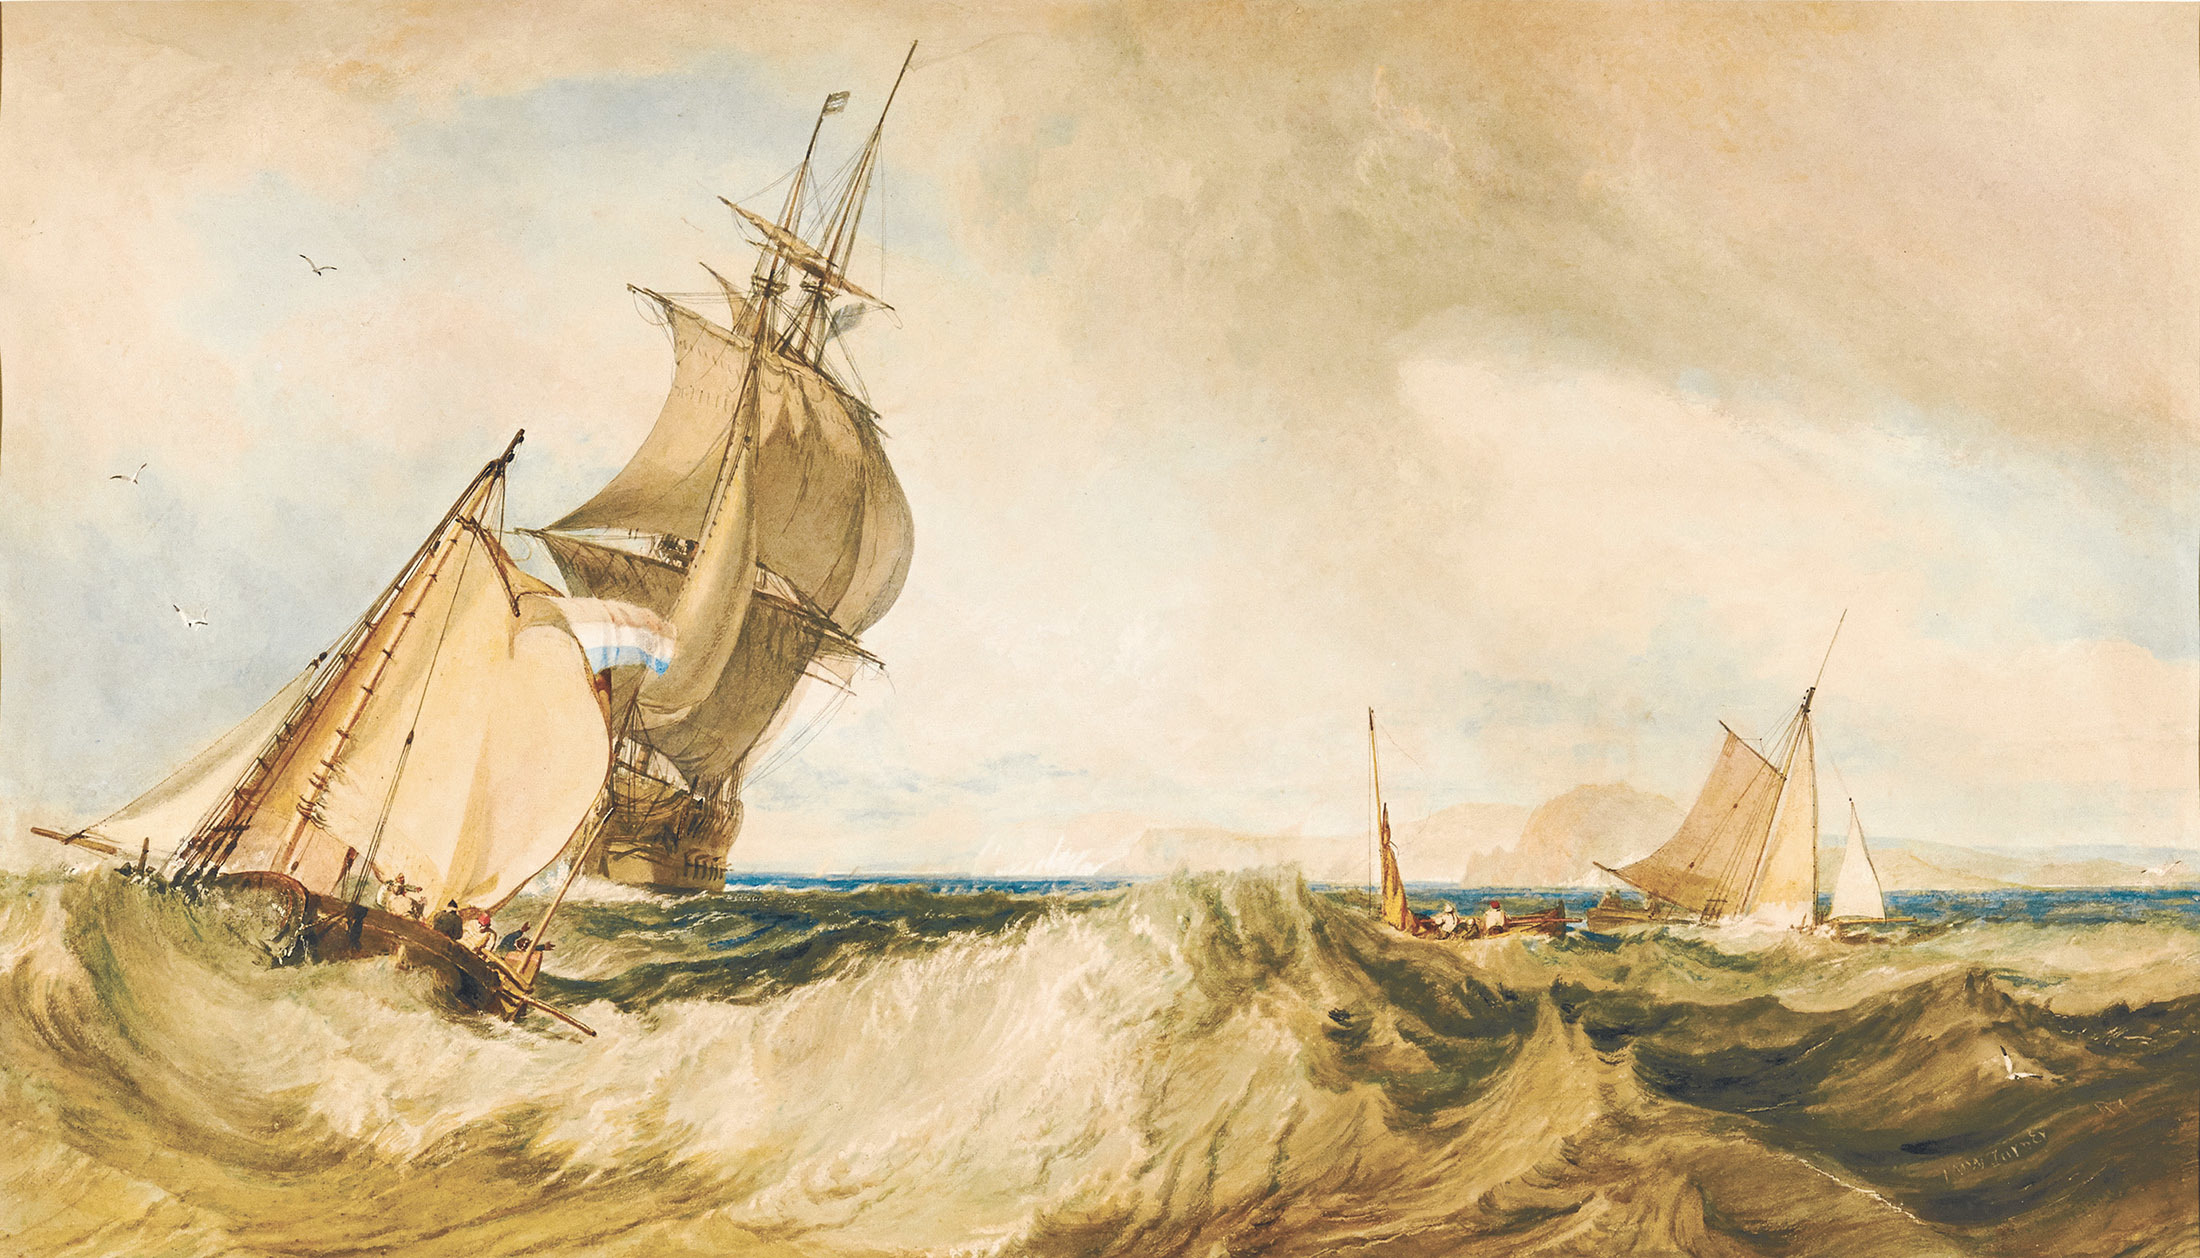 《セント・オールバンズ・ヘッド沖》 1822年頃 水彩・紙 39.8×68cm ハロゲイト、メーサー・アート・ギャラリー (c)Mercer Art Gallery, Harrogate Borough Council